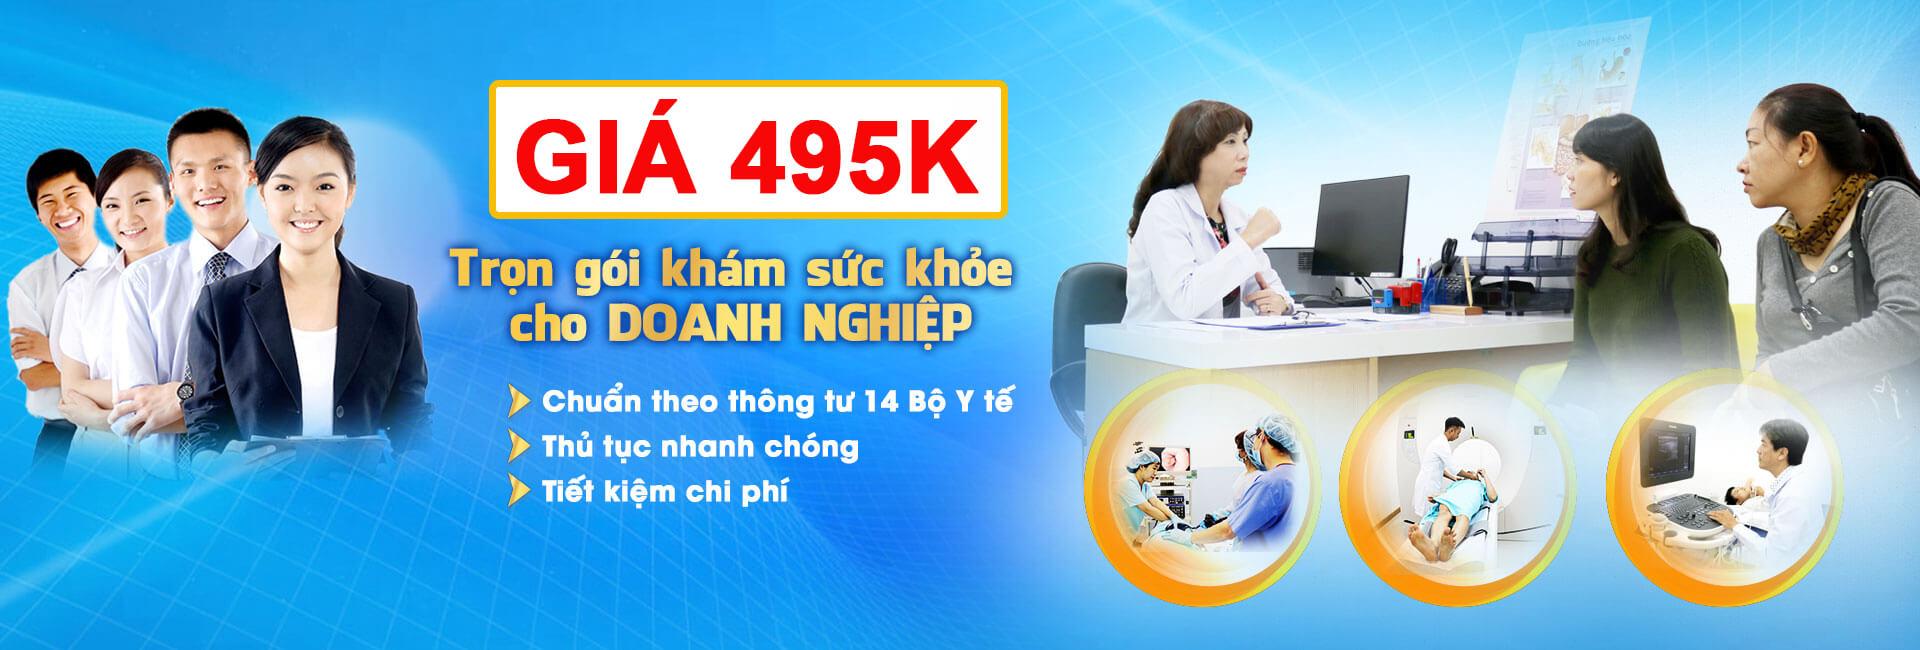 Banner-1920x650-kham-suc-khoe-doanh-nghiep-edit-